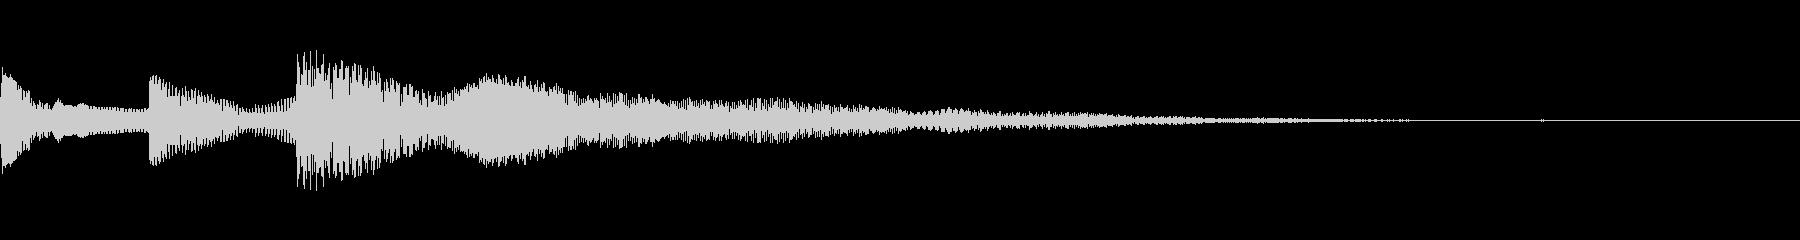 ピコッ(環境設定_環境設定の項目03)の未再生の波形